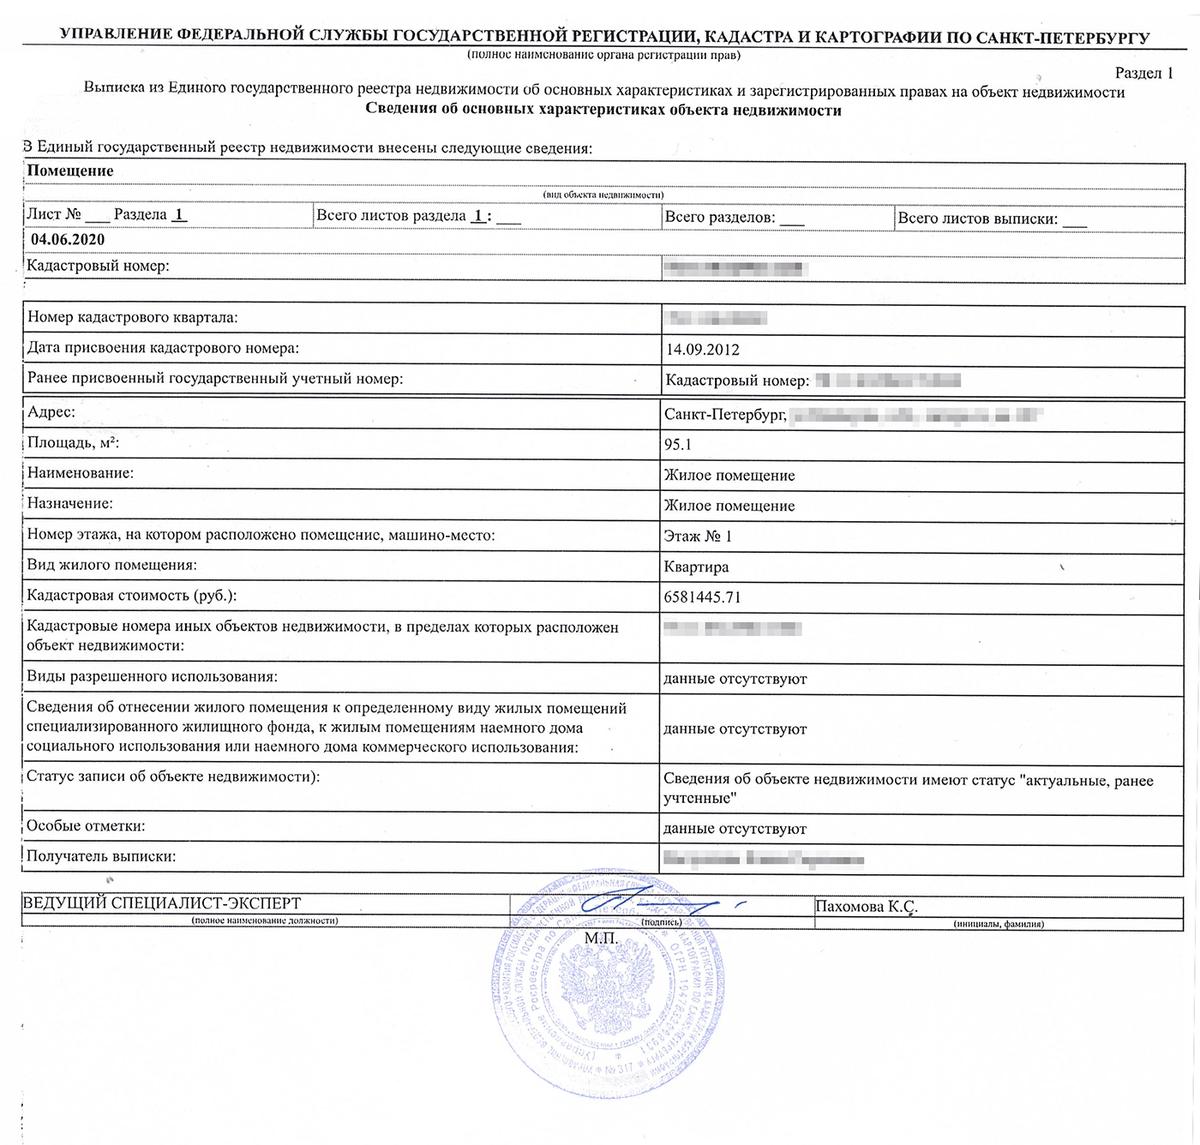 Кадастровая стоимость указана в первом разделе выписки. Во втором разделе указаны собственники, правоустанавливающие документы, ограничения и обременения